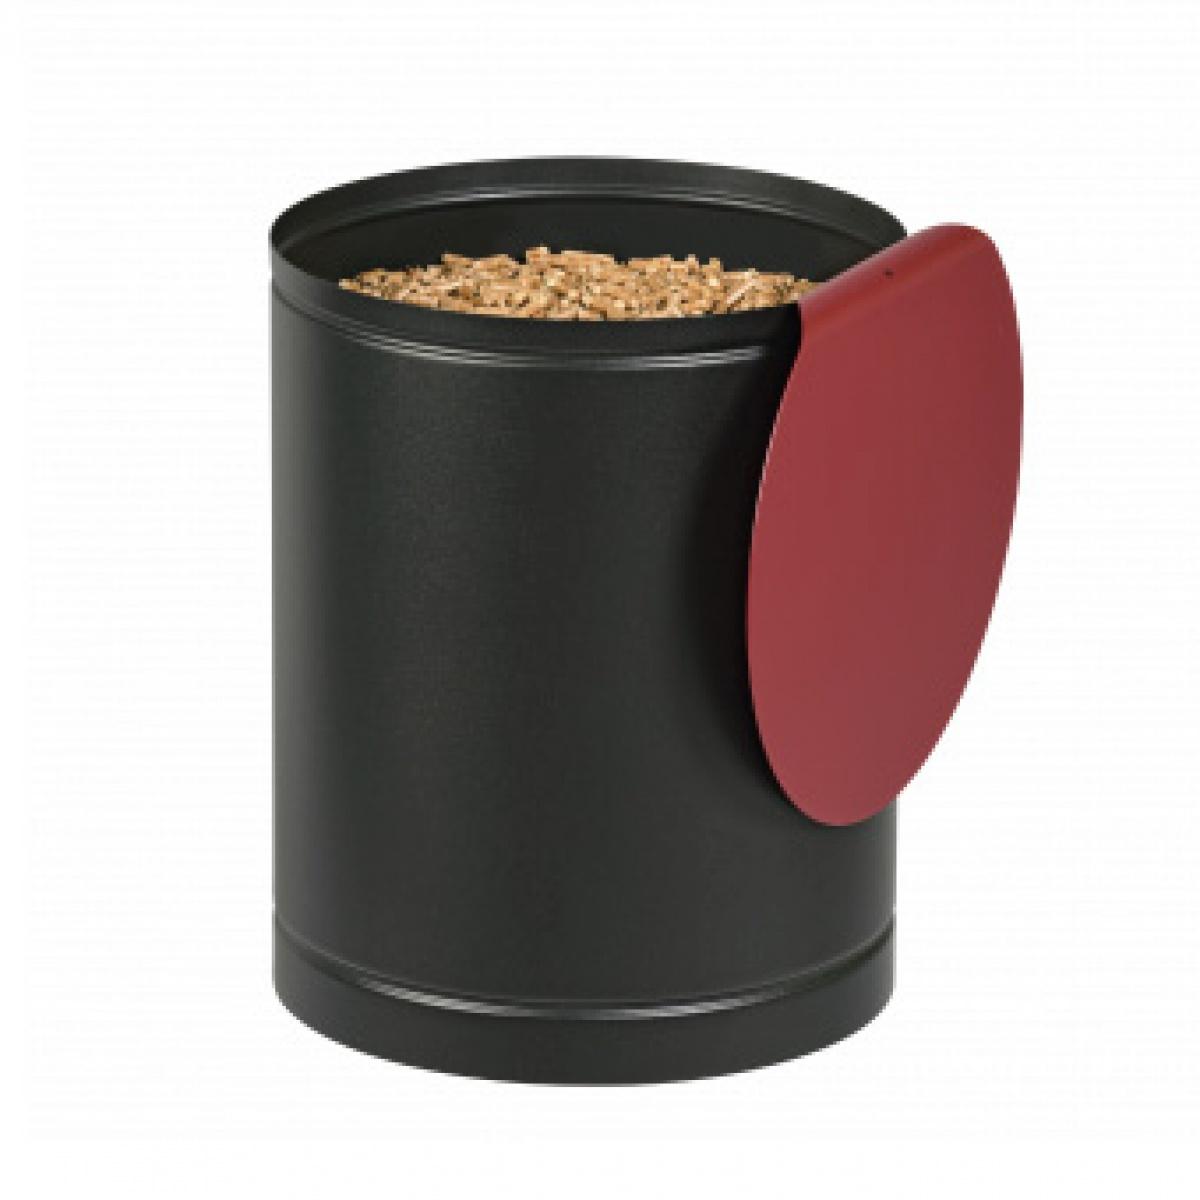 Corbeille pour pellets/granulés